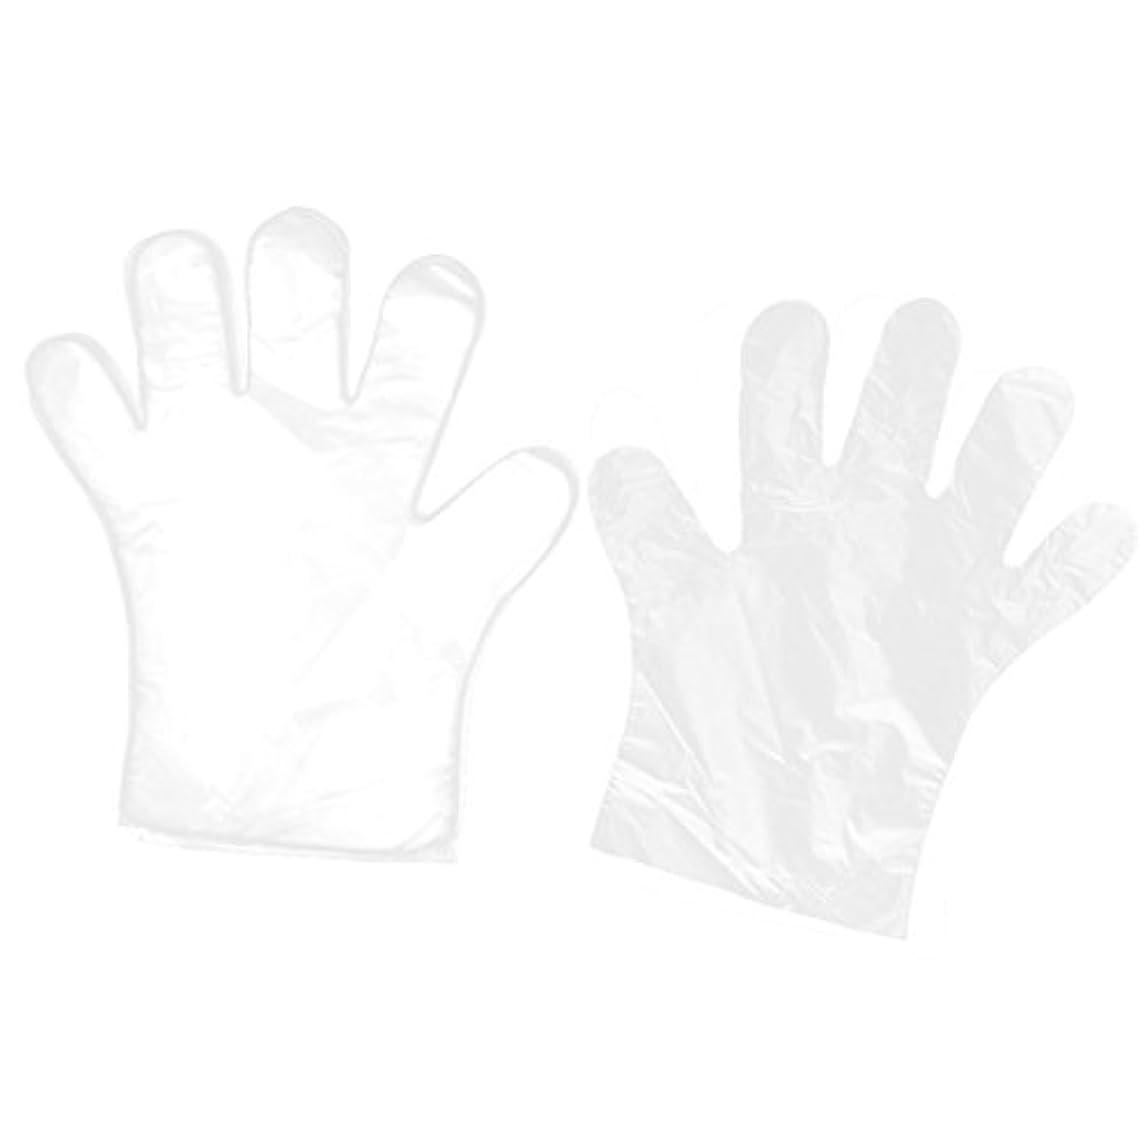 魅了するいう心理的uxcell 使い捨て手袋 家キッチン レストラン の食べ物サービス ハンド用 透明 100個入り